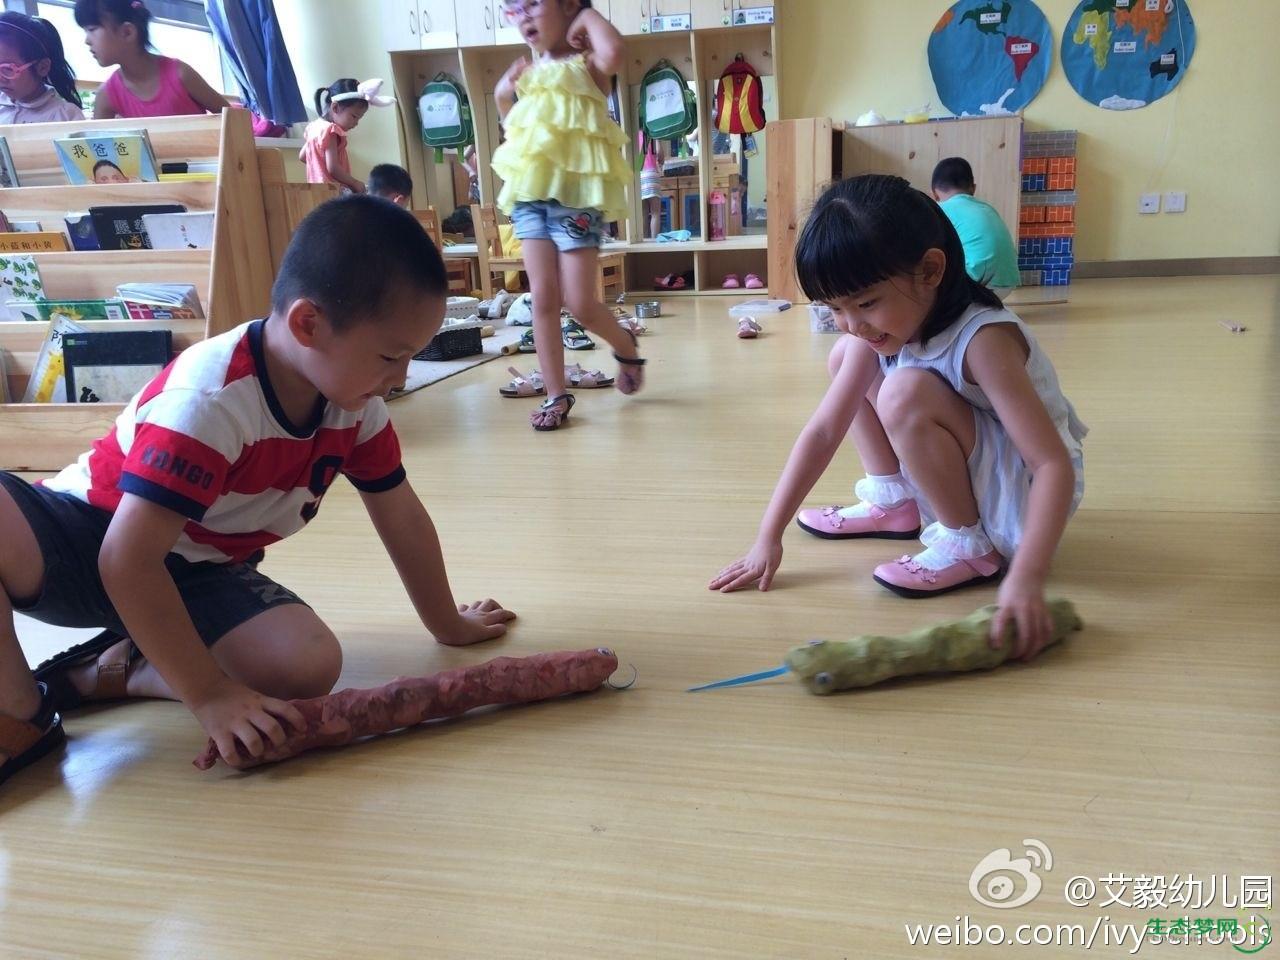 艾毅幼儿园 69 小朋友自己动手制作了可爱的动物玩